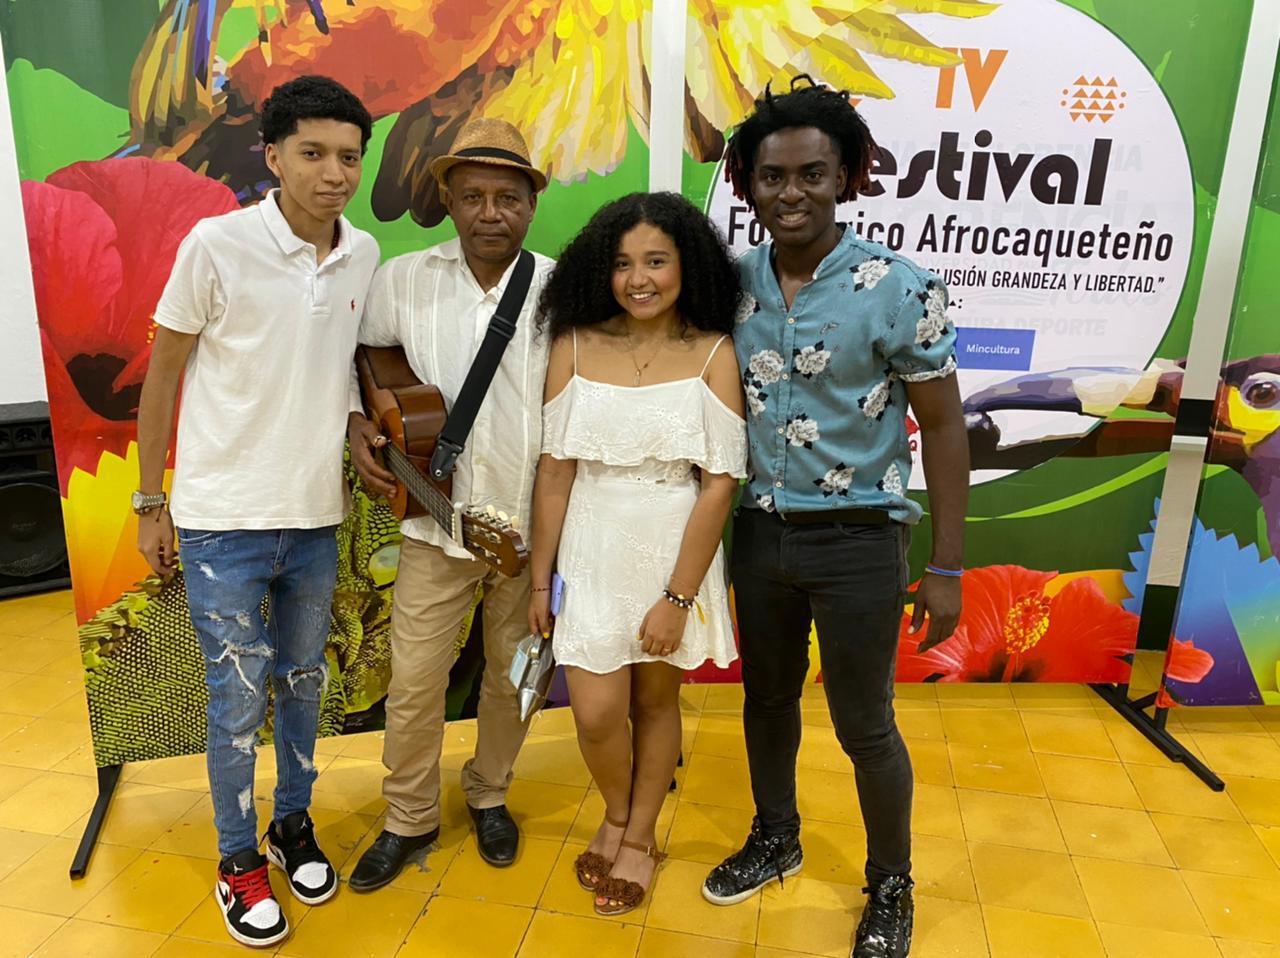 Estudiante de Comunicación Social y Periodismo de la Umanizales es presentadora y cantante del IV Festival Folclórico Afrocaqueteño